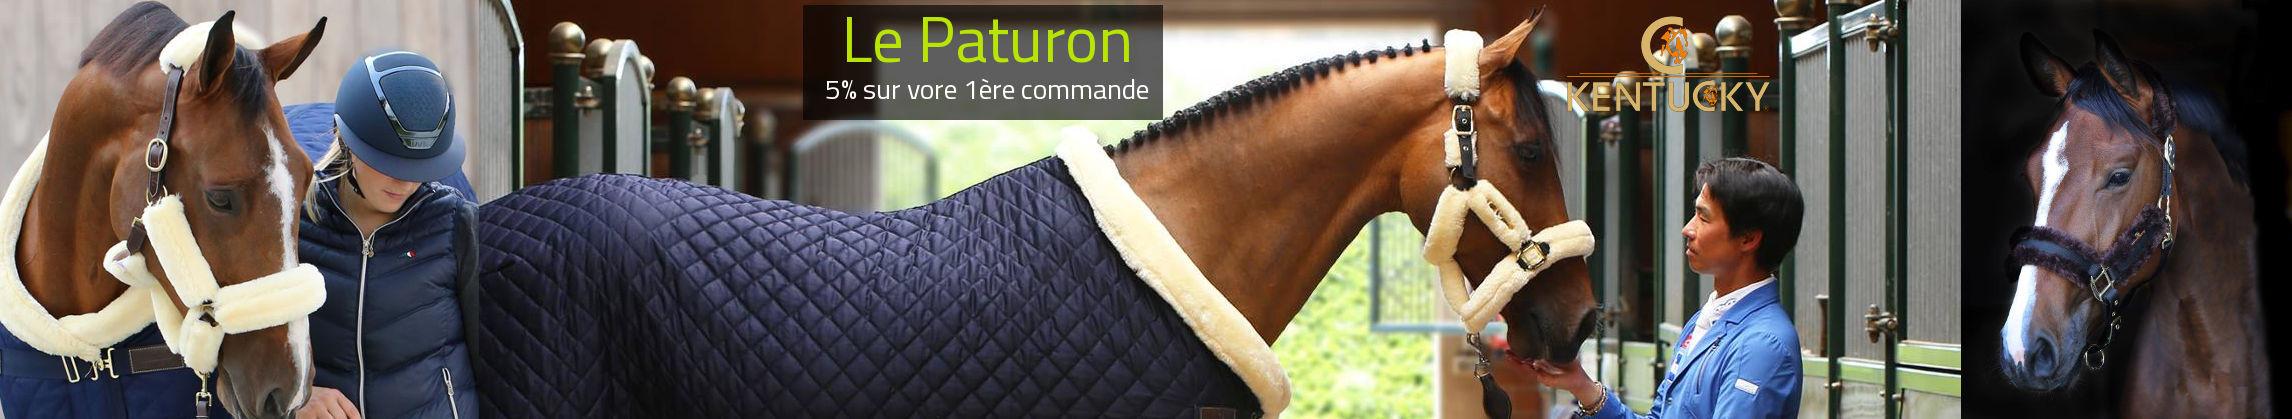 Kentucky Horsewear - Le Paturon